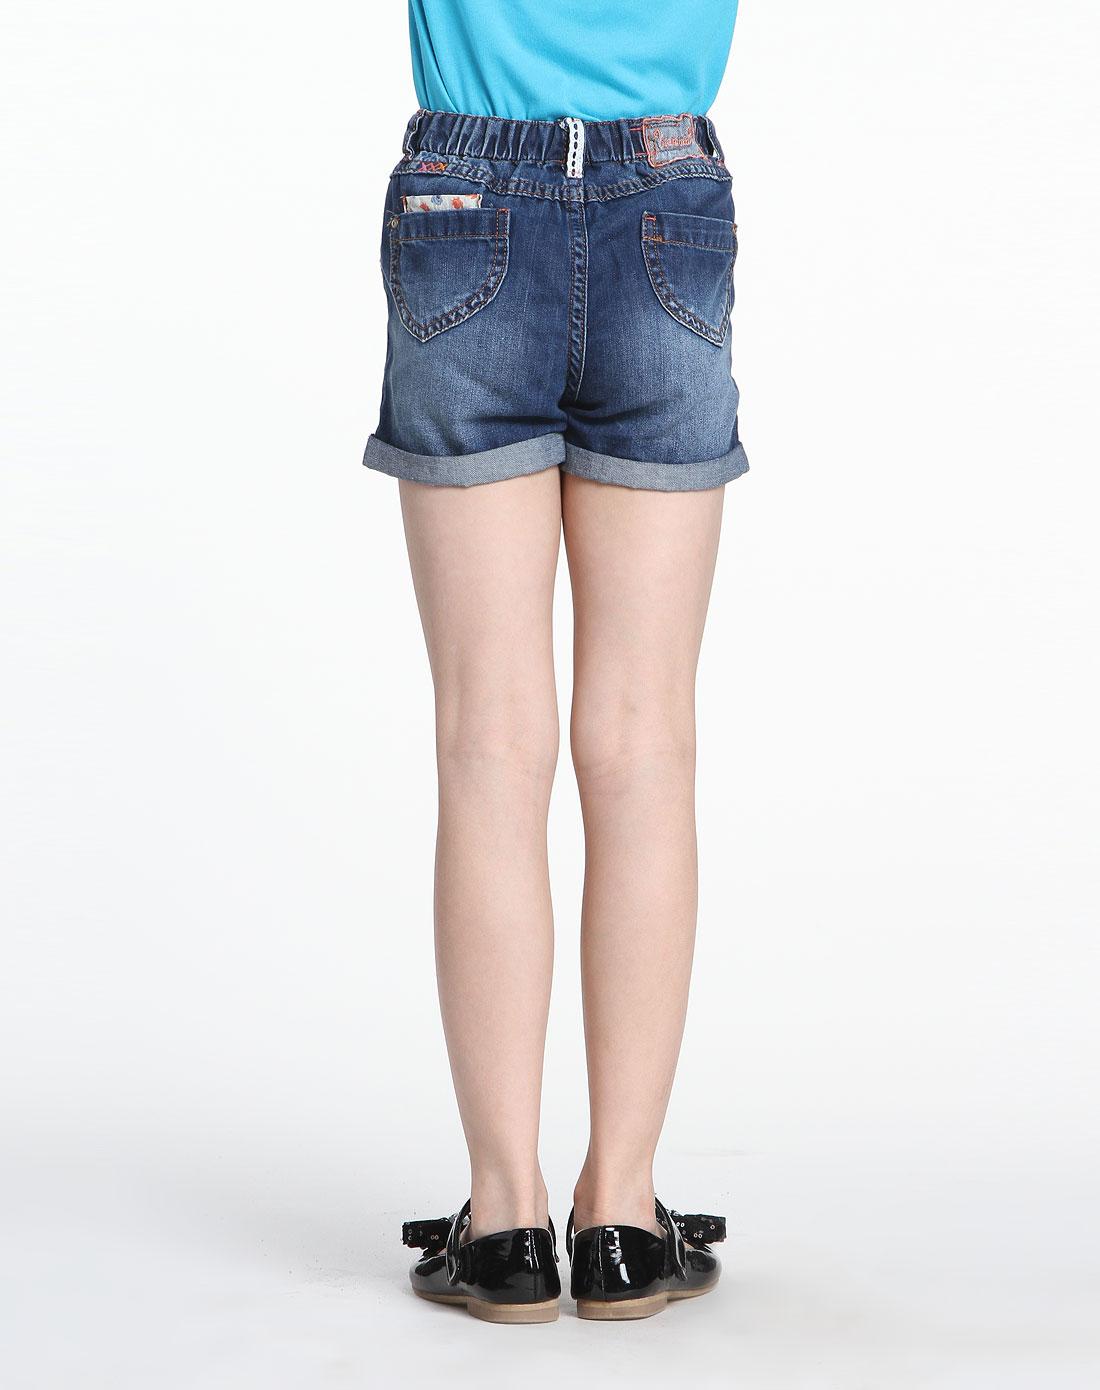 女童贴袋可爱深蓝色牛仔短裤